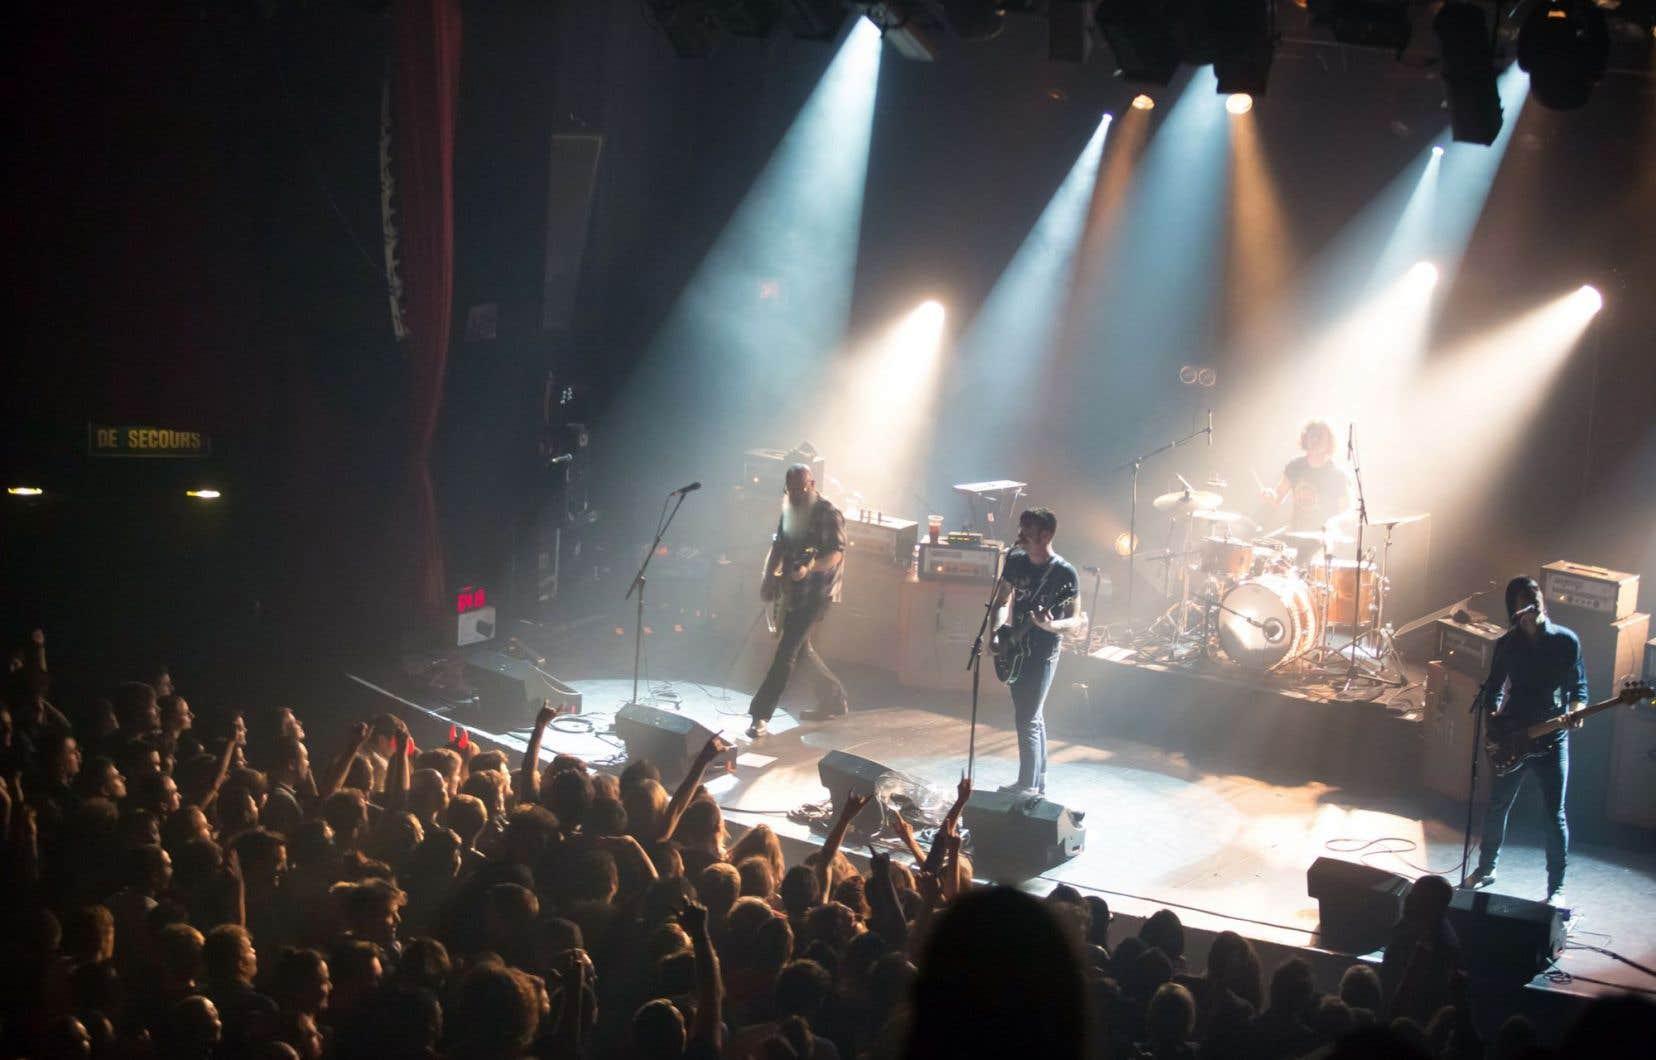 Le groupe américain Eagles of Death Metal en spectacle le vendredi 13novembre, quelques instants avant l'attentat au Bataclan